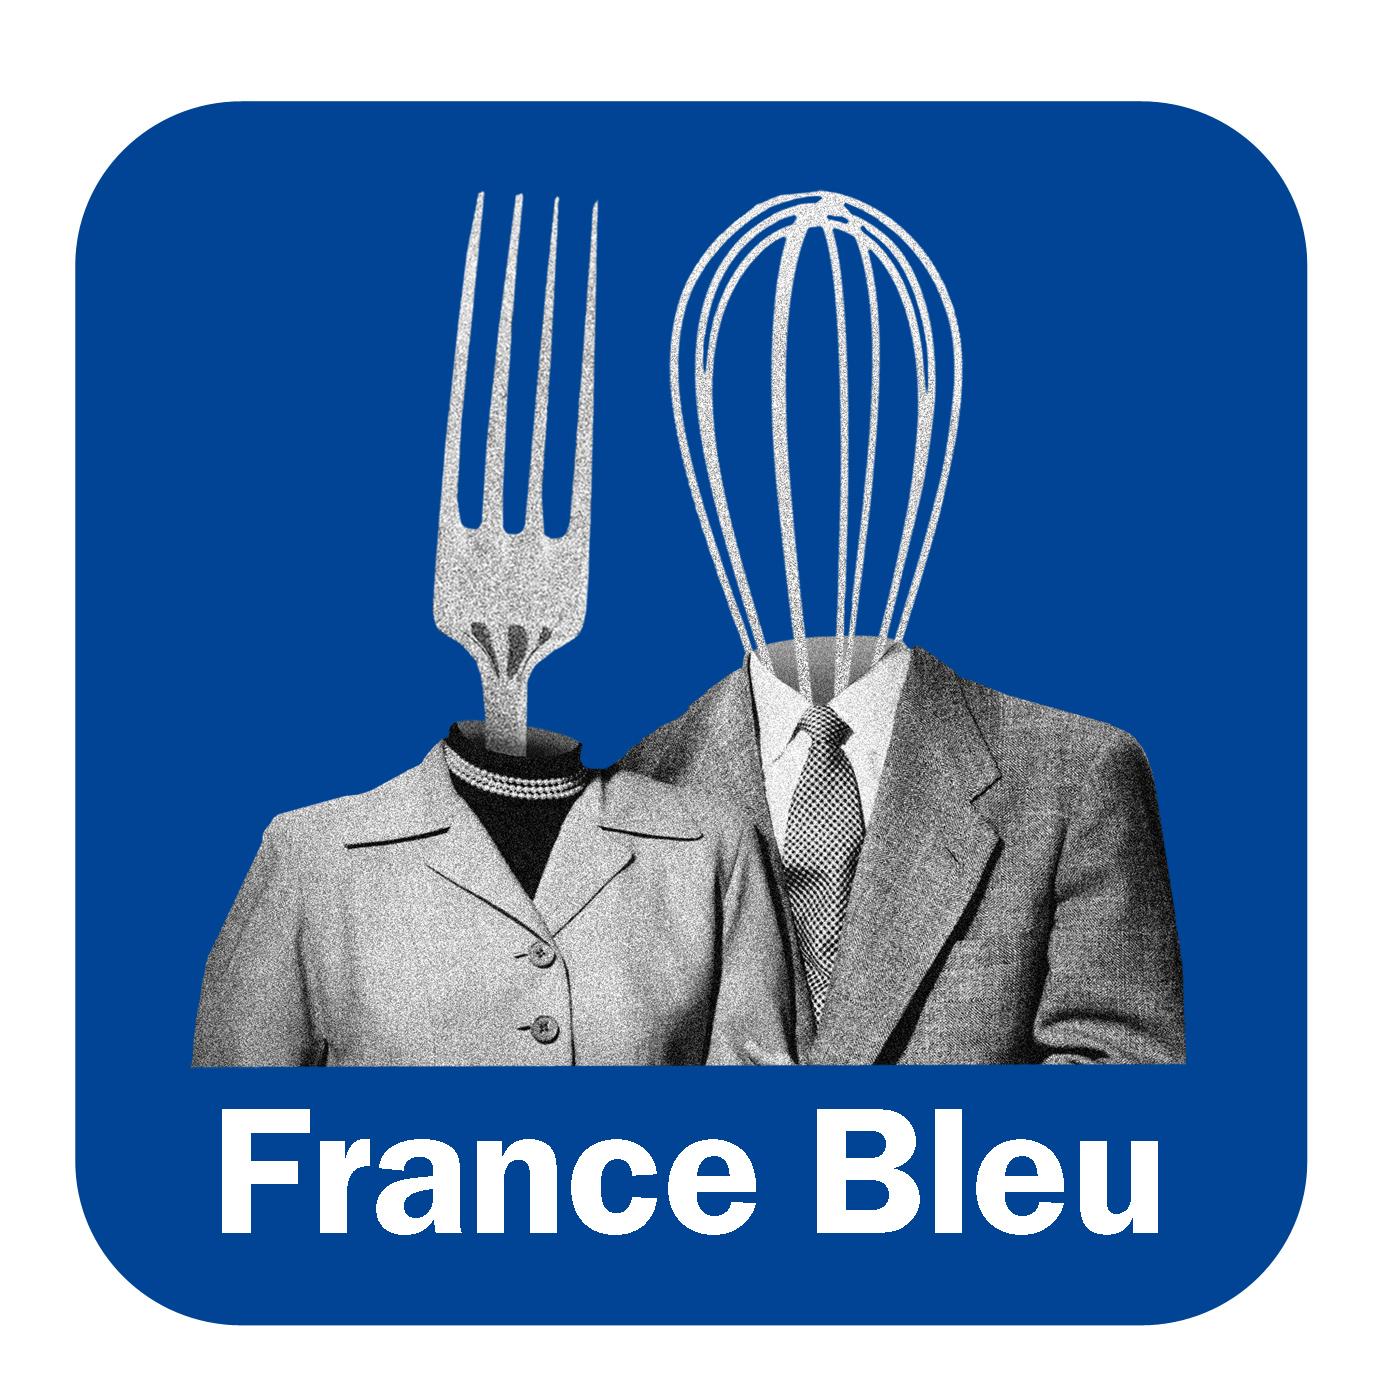 Esprit Cuisine en Touraine France Bleu Touraine